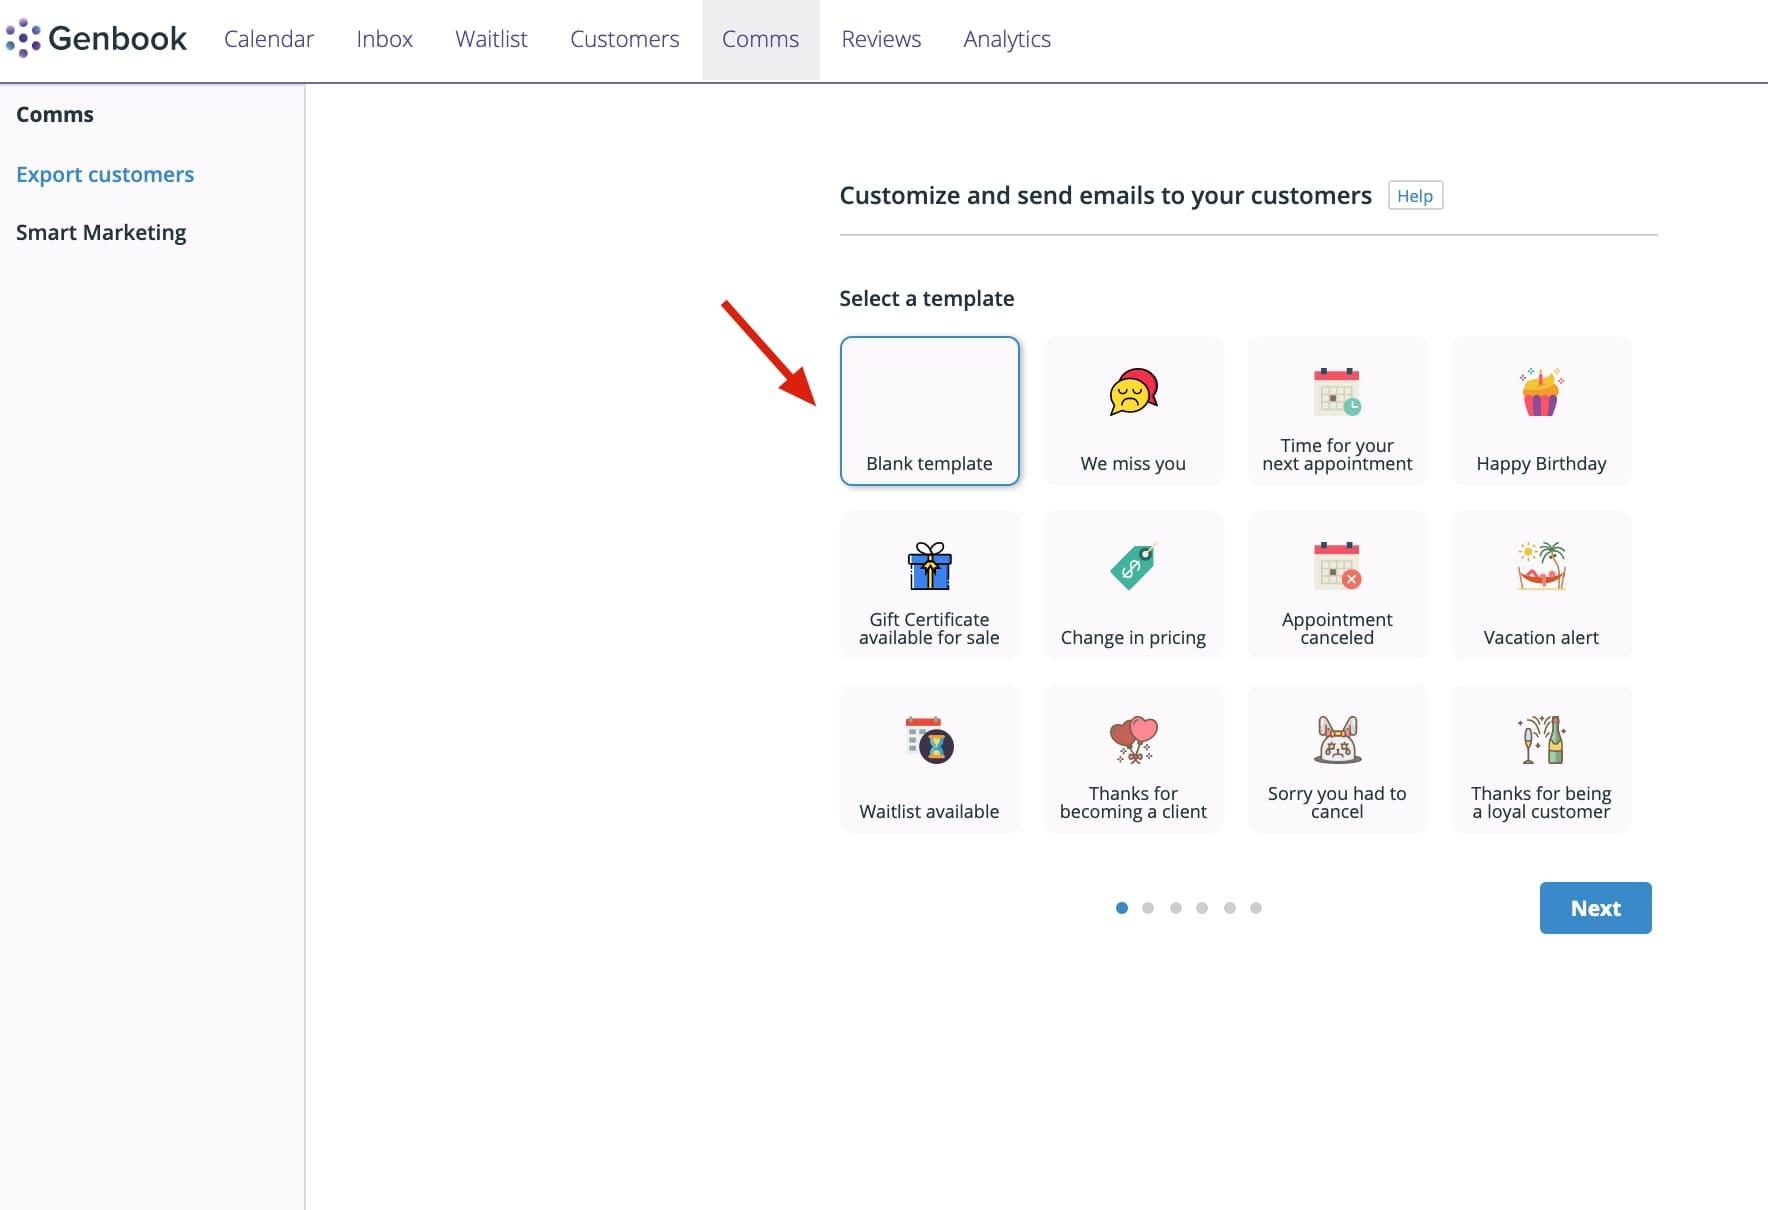 Genbook's smart marketing features